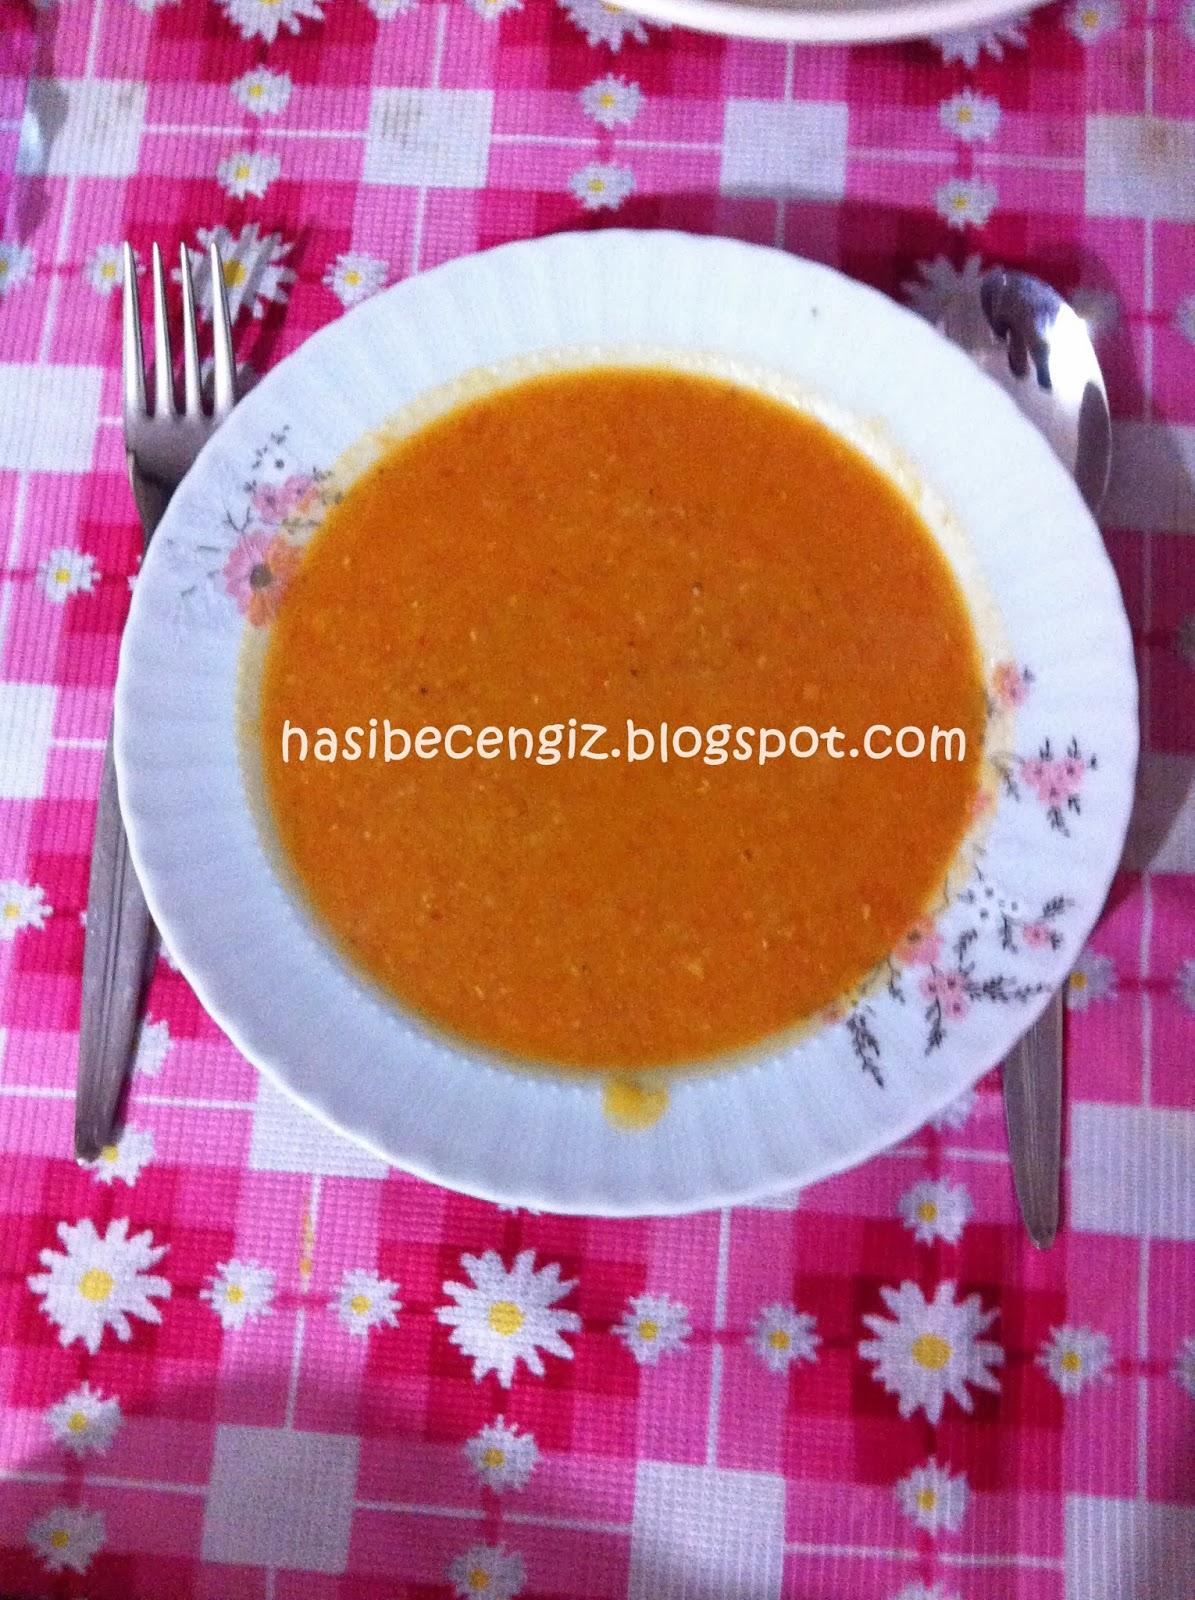 mercimekli çorba, soup, çorba tarifi, çorbalar, çorba içelim, Kırmızı mercimekli çorba,